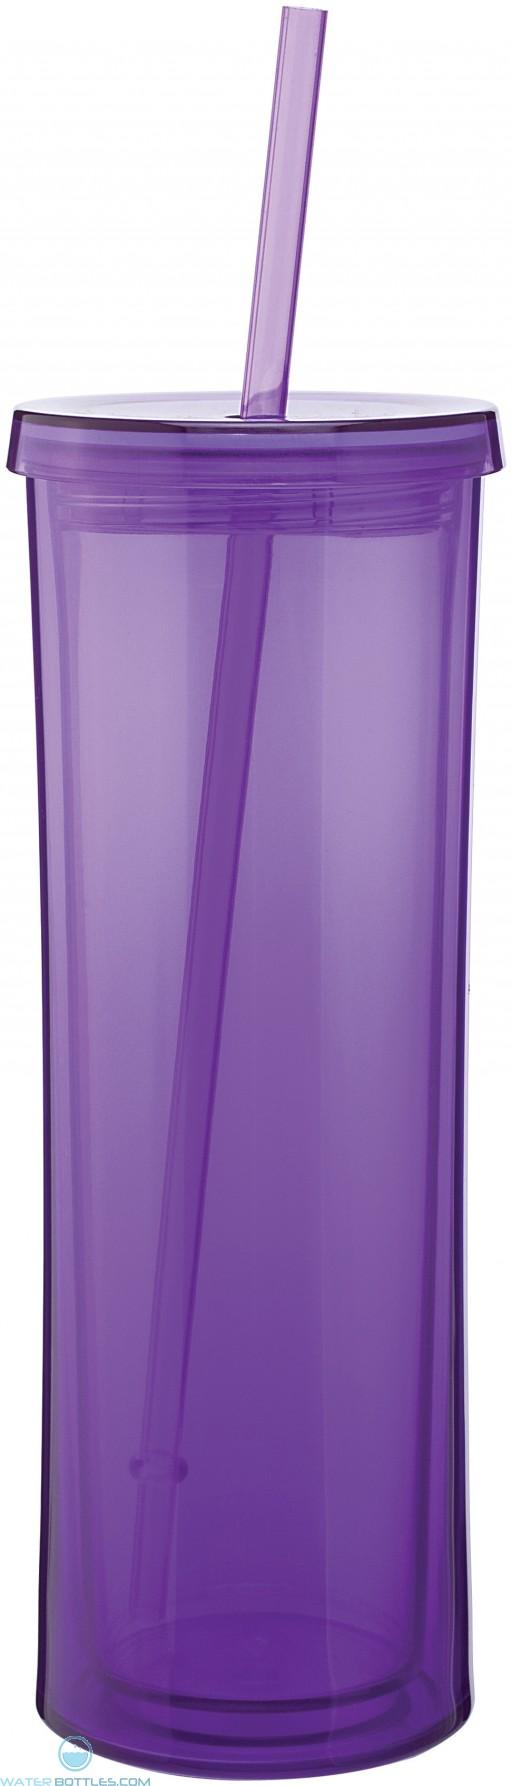 16 oz via-purple